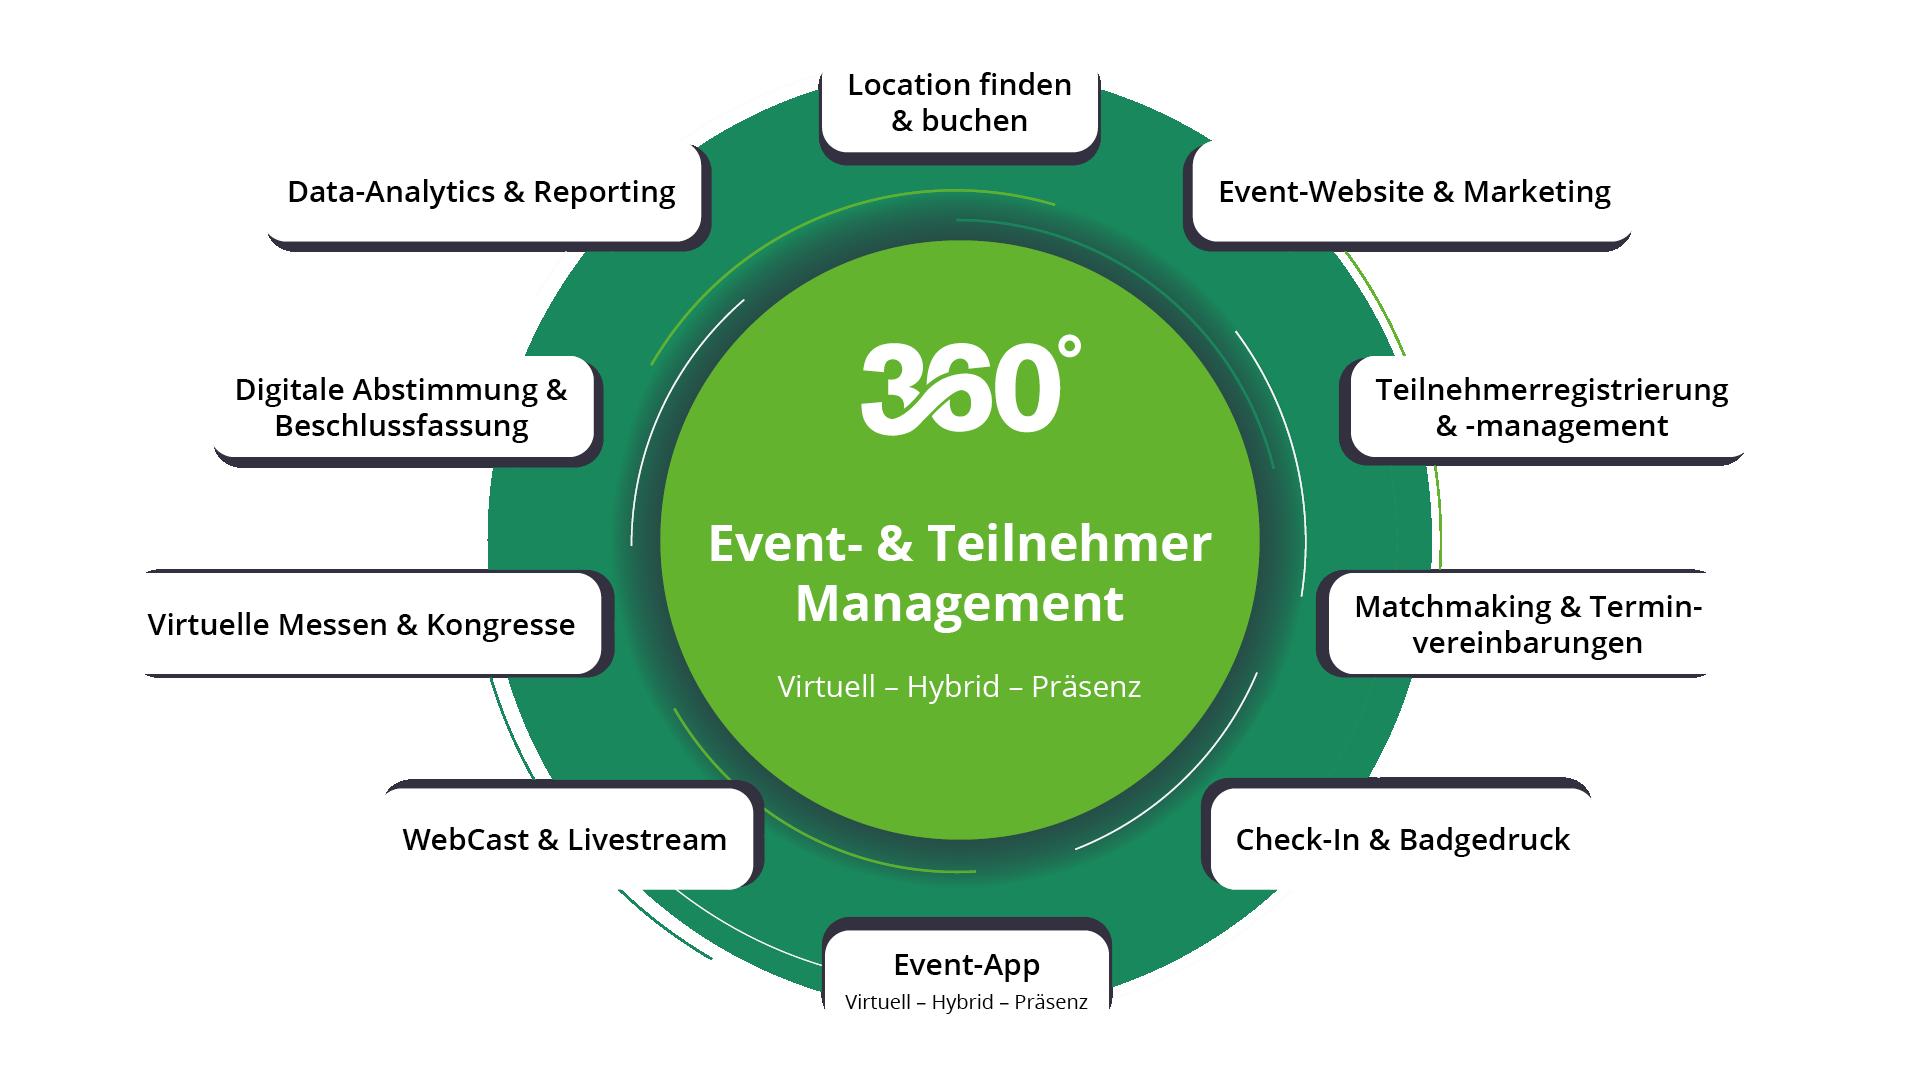 360-Event-und Teilnehmermanagement